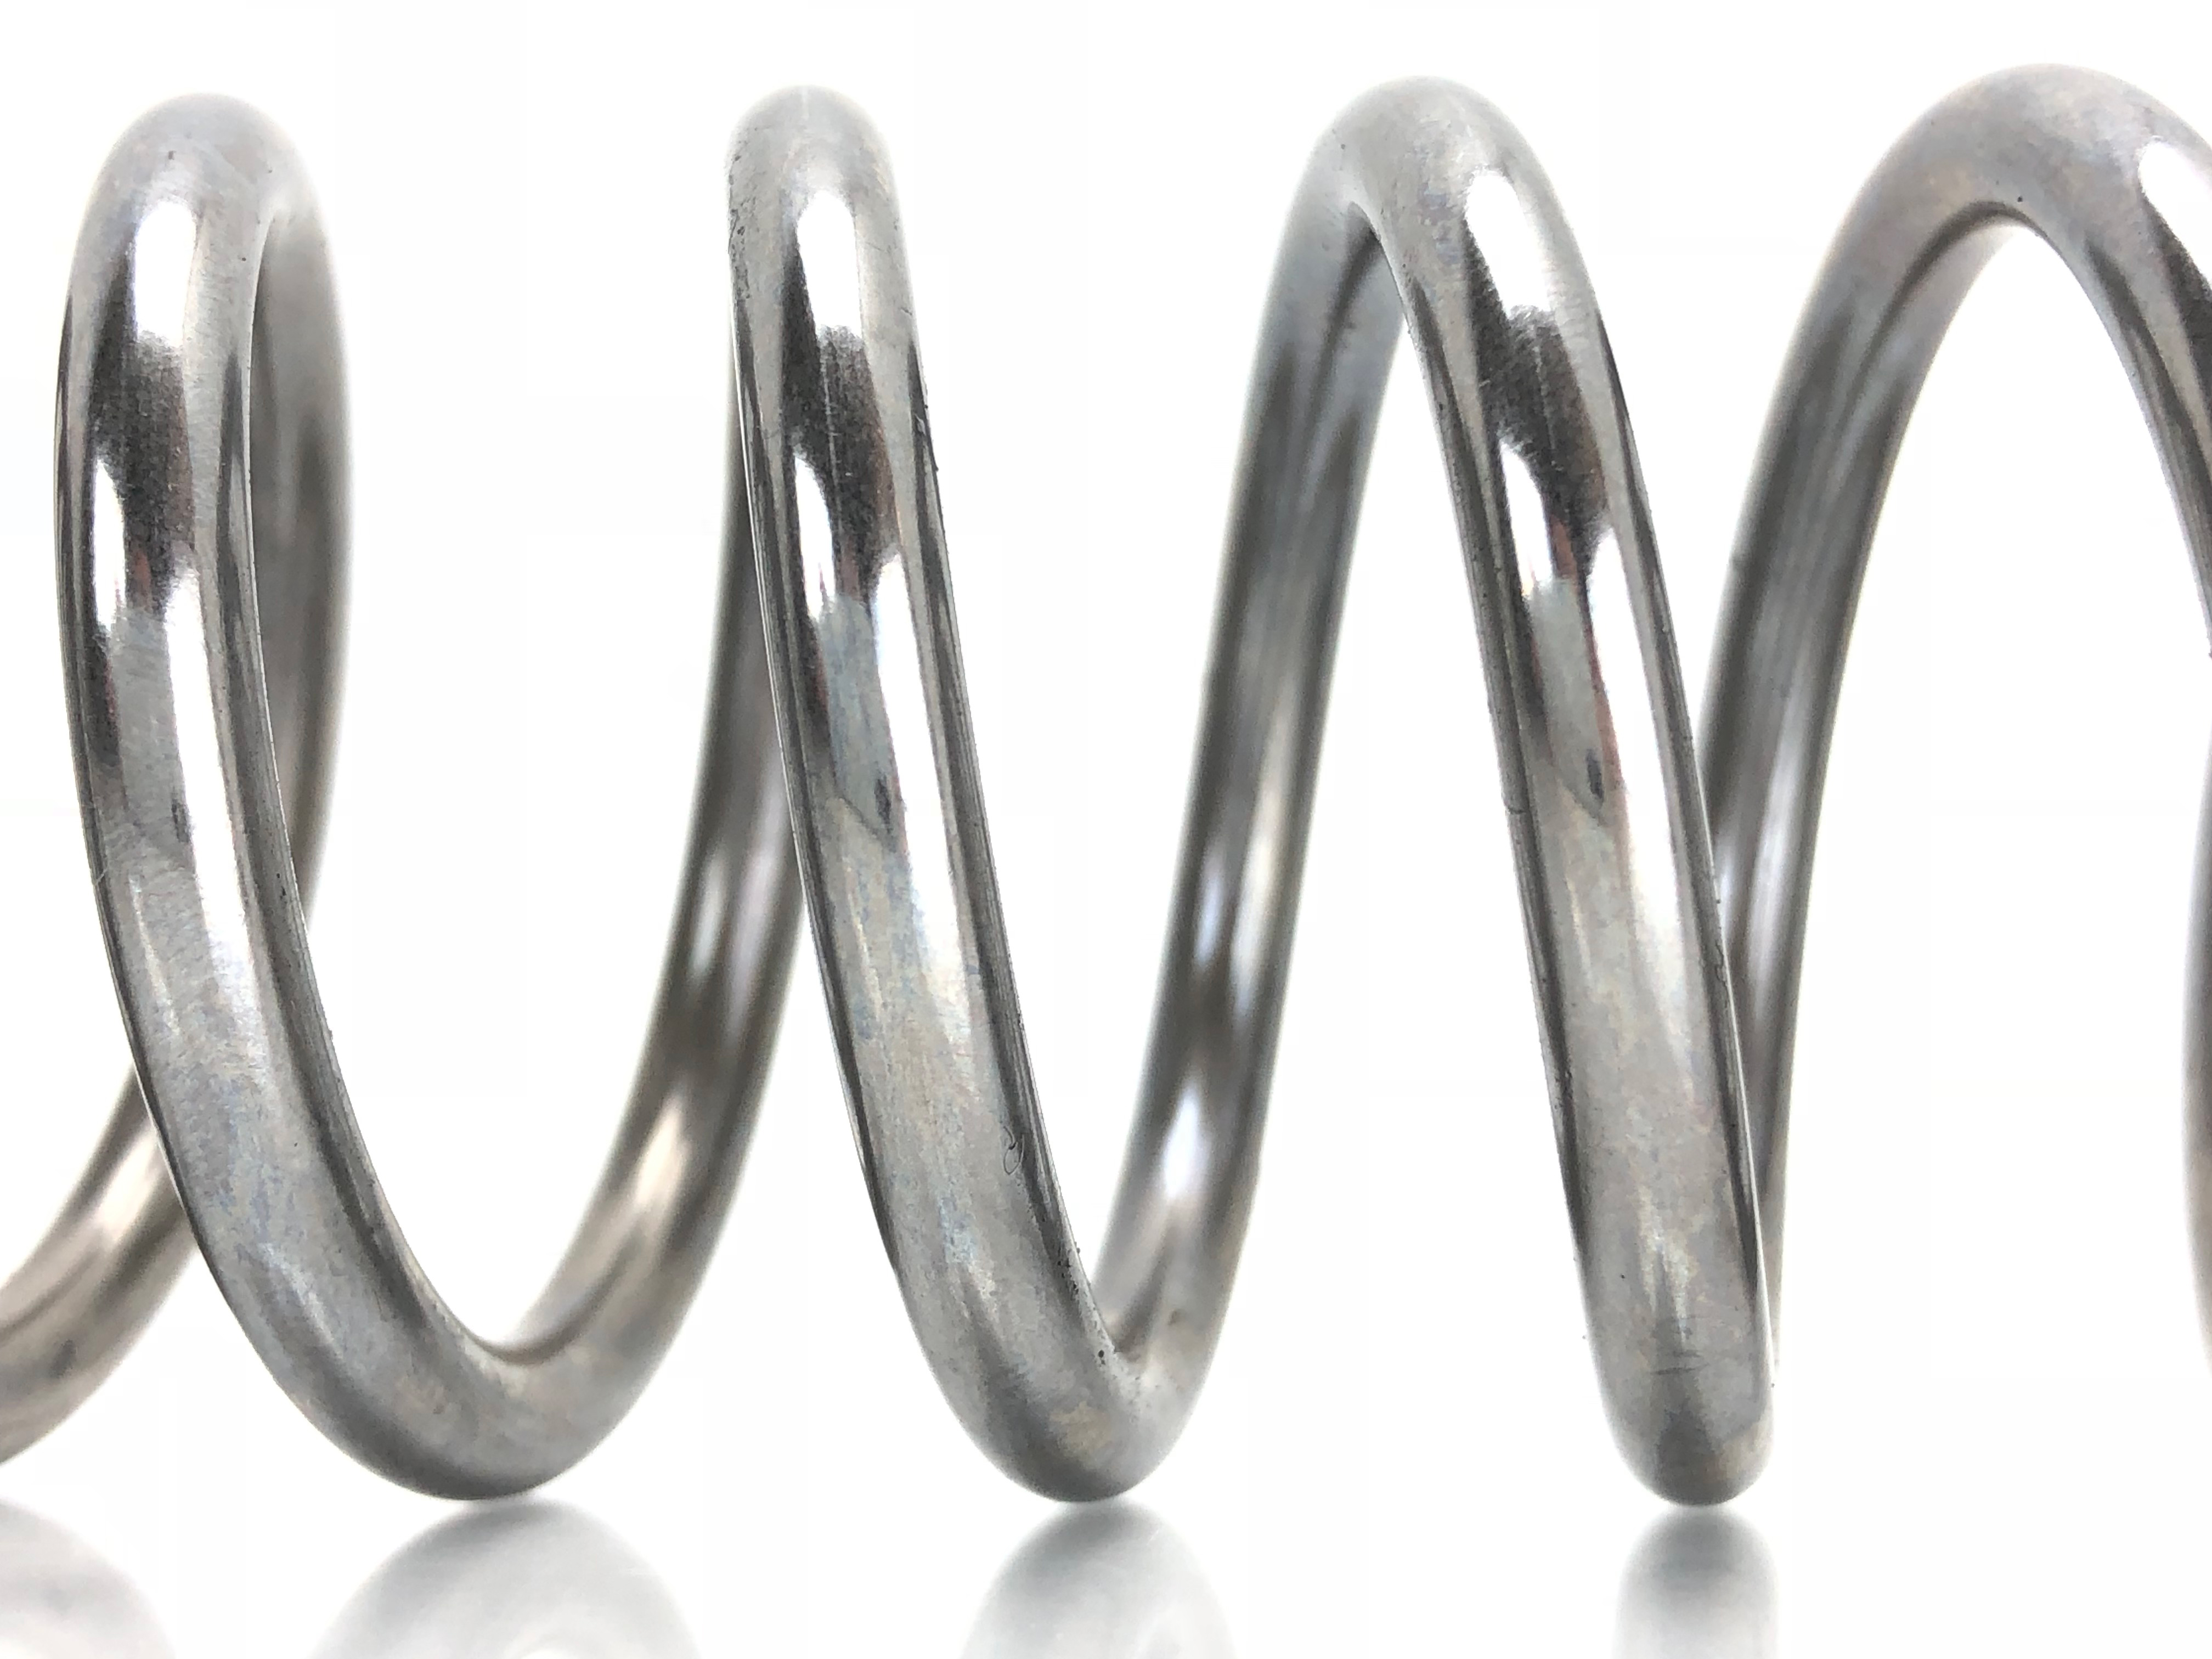 Fork compression spring coils